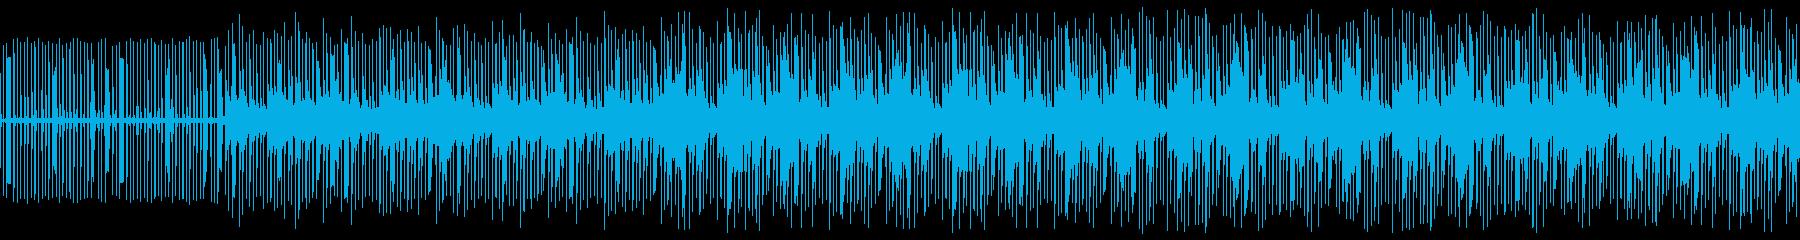 会話シーンで使えるLo-Fiビートの再生済みの波形